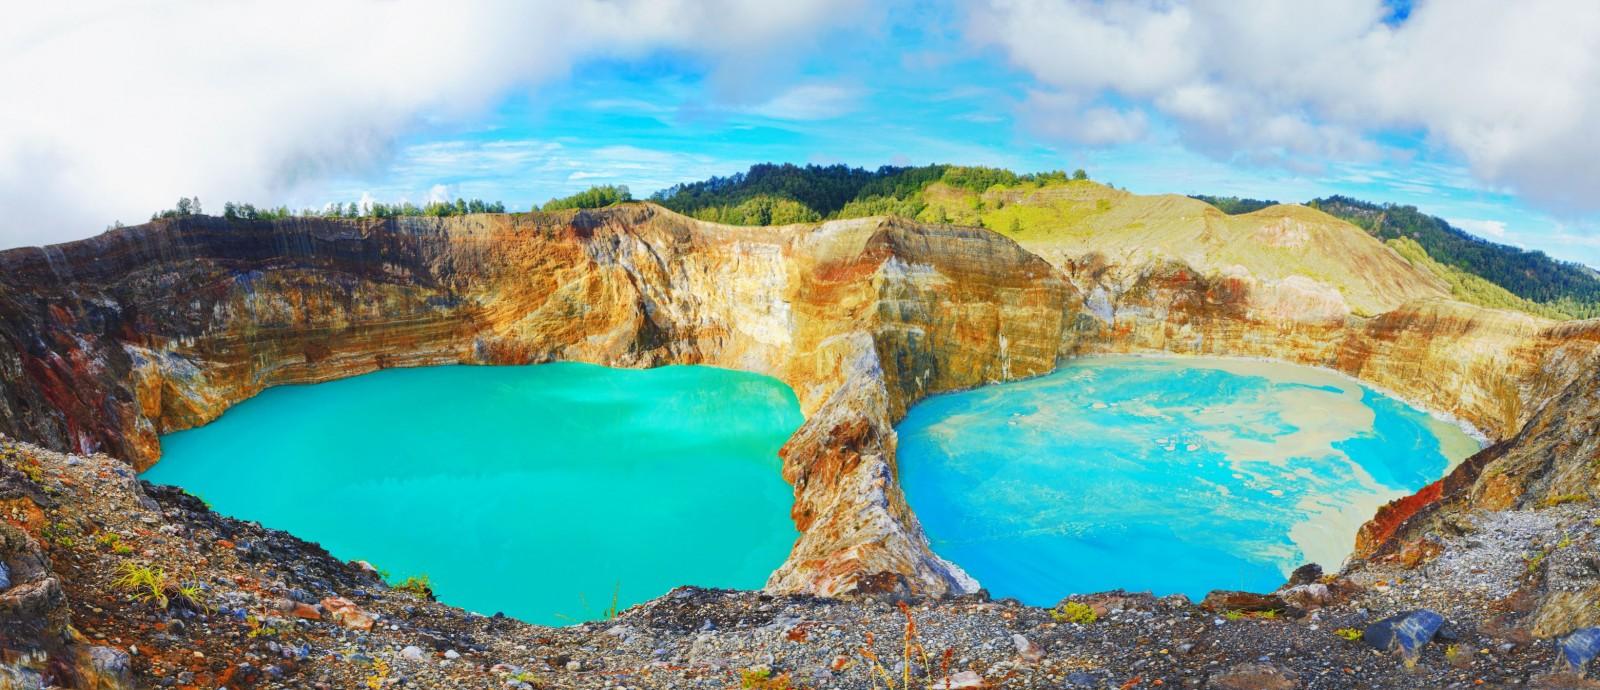 Indonezija - Mount Kelimutu